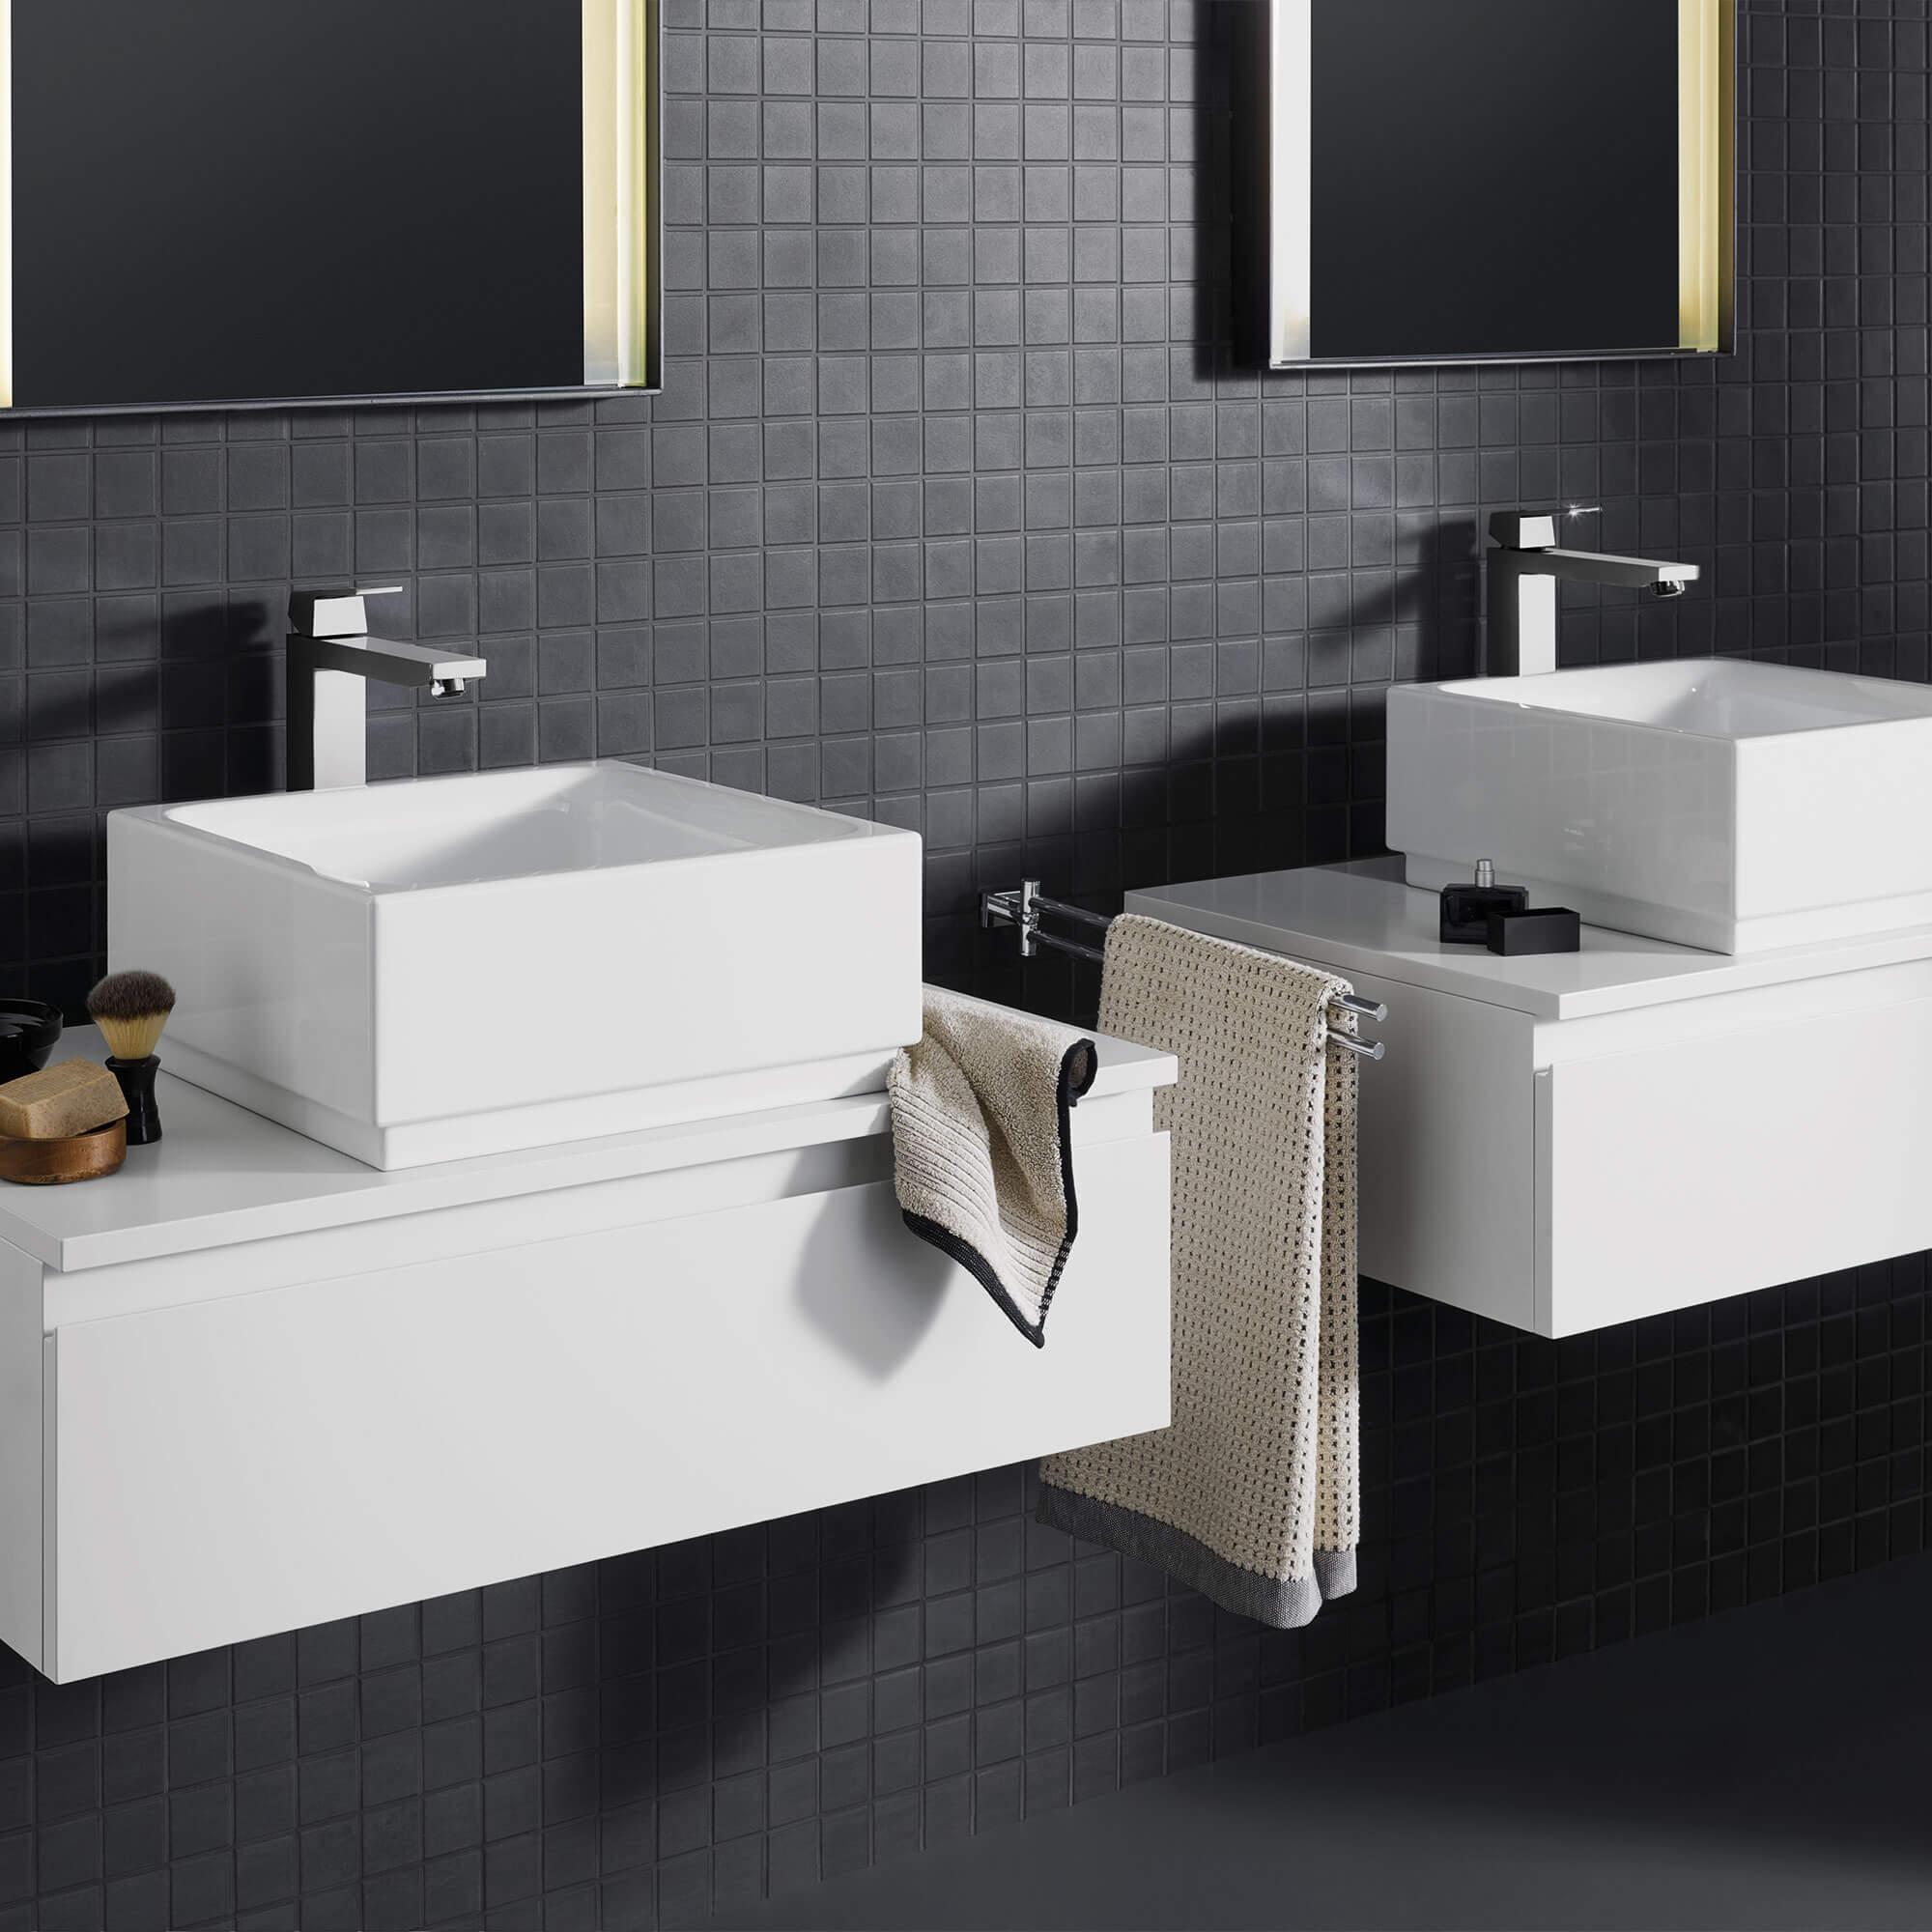 Robinet Eurocube dans une salle de bains aux murs de remasson noir.